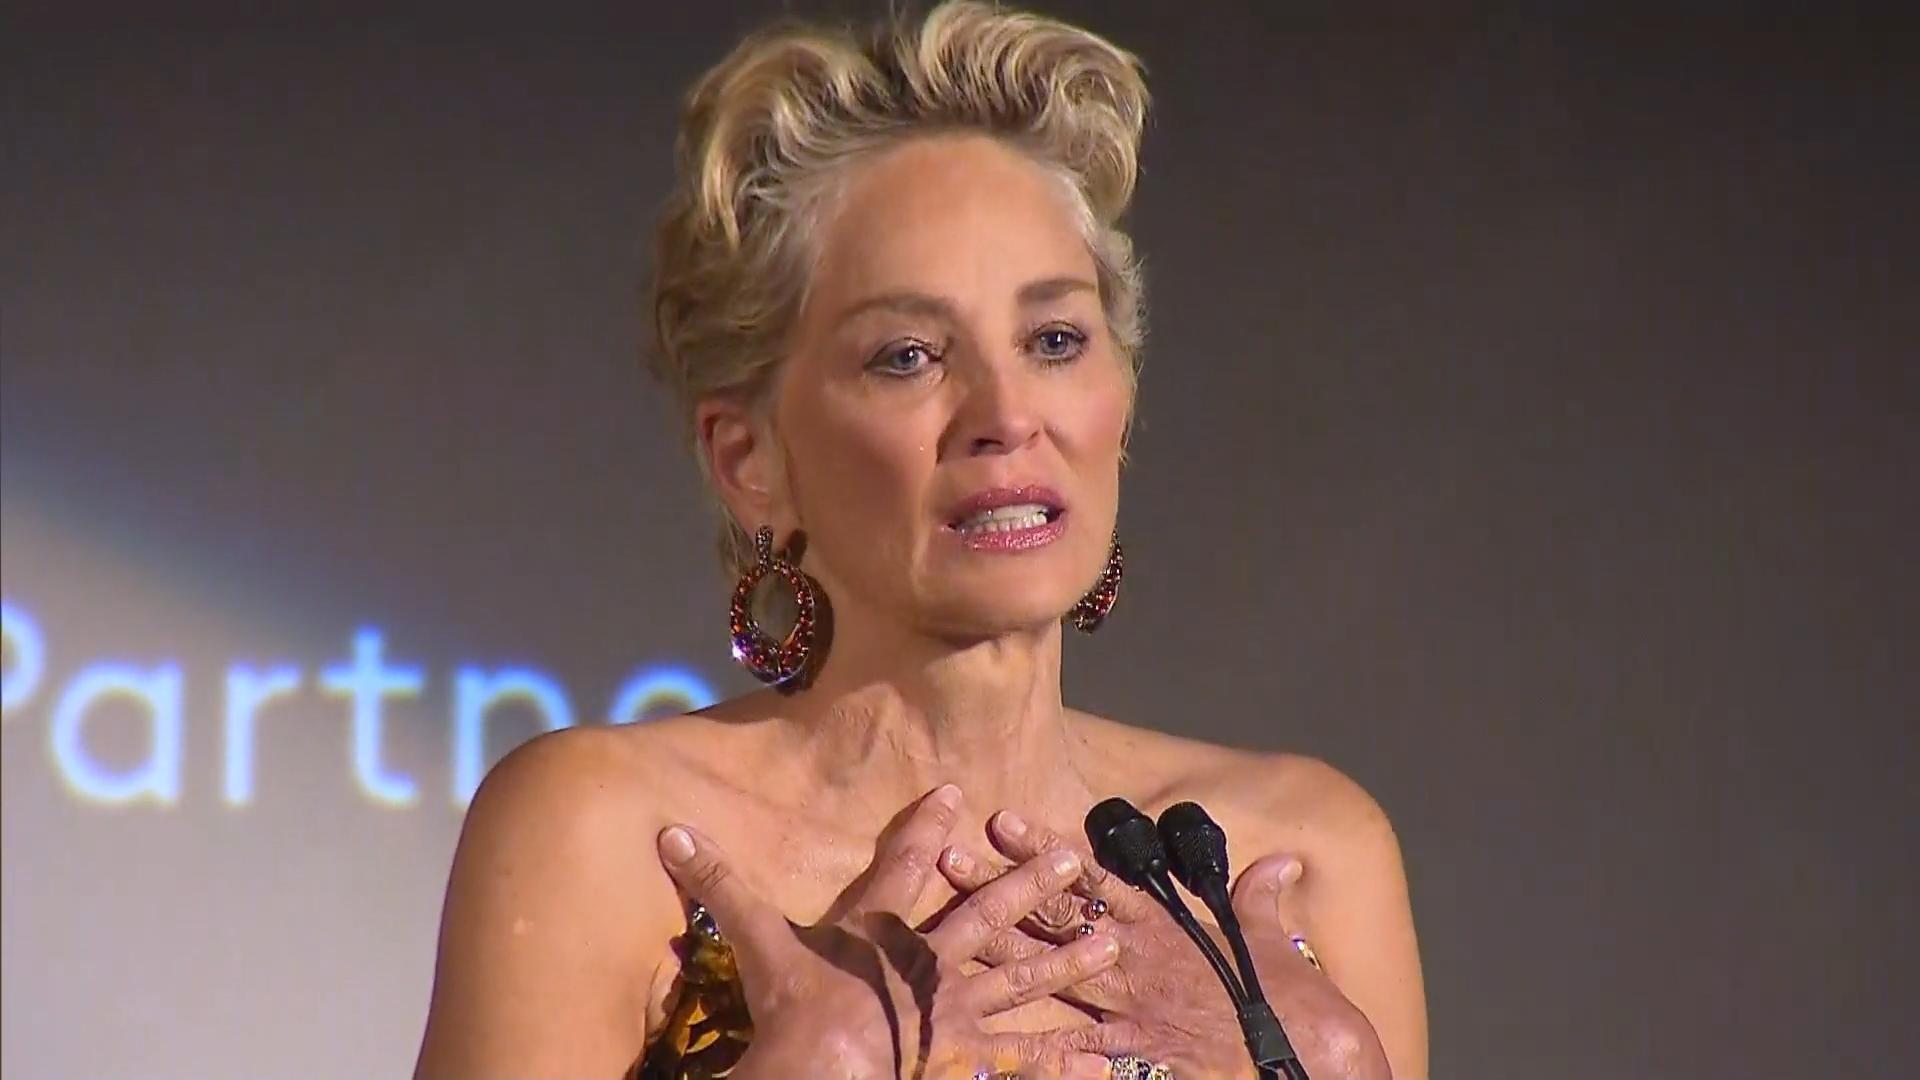 Missbrauch, Schlaganfall & Co.: Sharon Stone zeigt sich von ihrer verletzlichen Seite